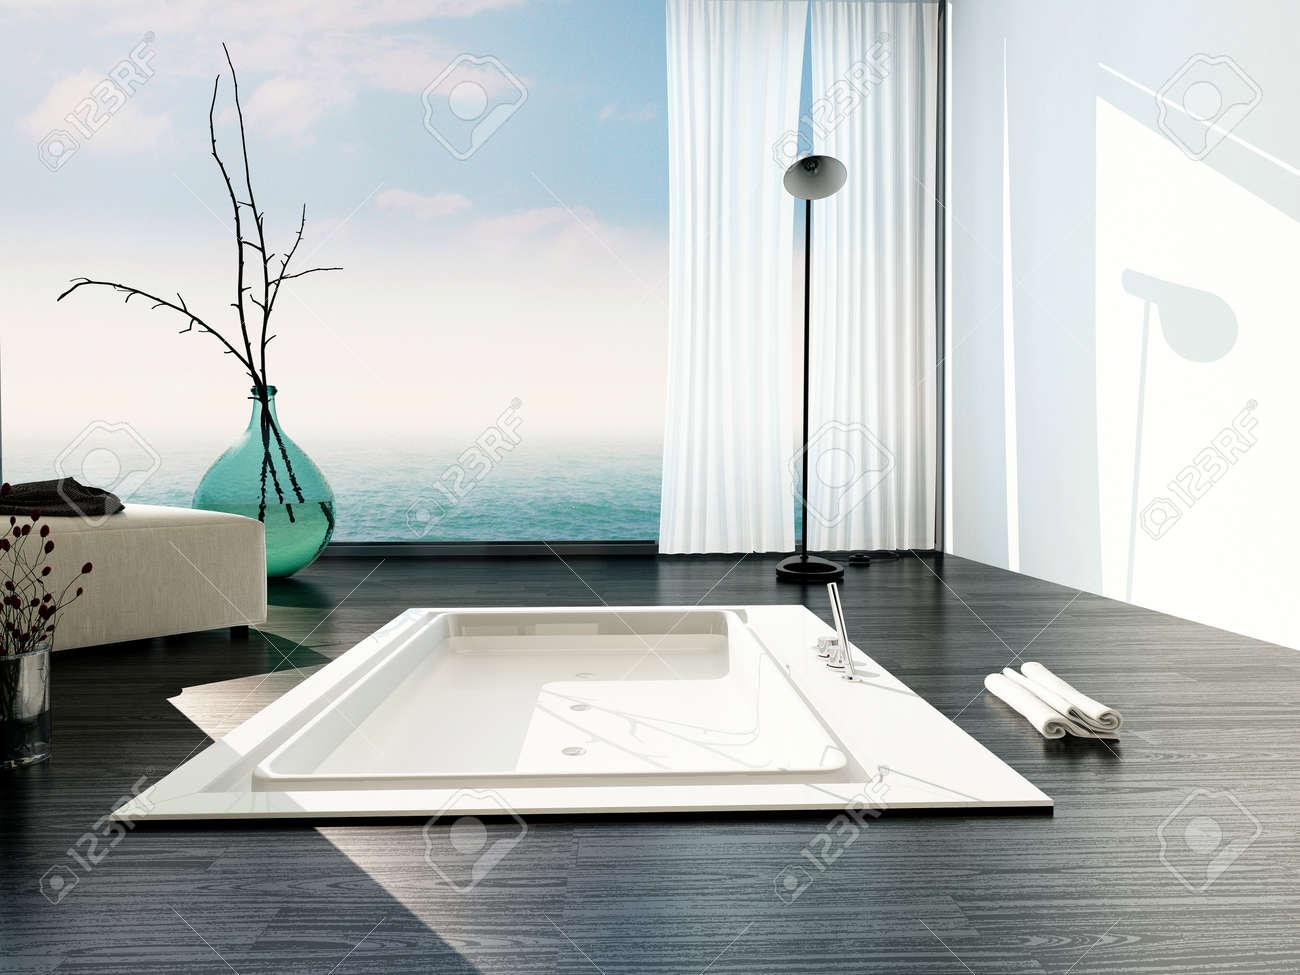 Stilvoll Eingelassene Badewanne In Ein Modernes Badezimmer Mit